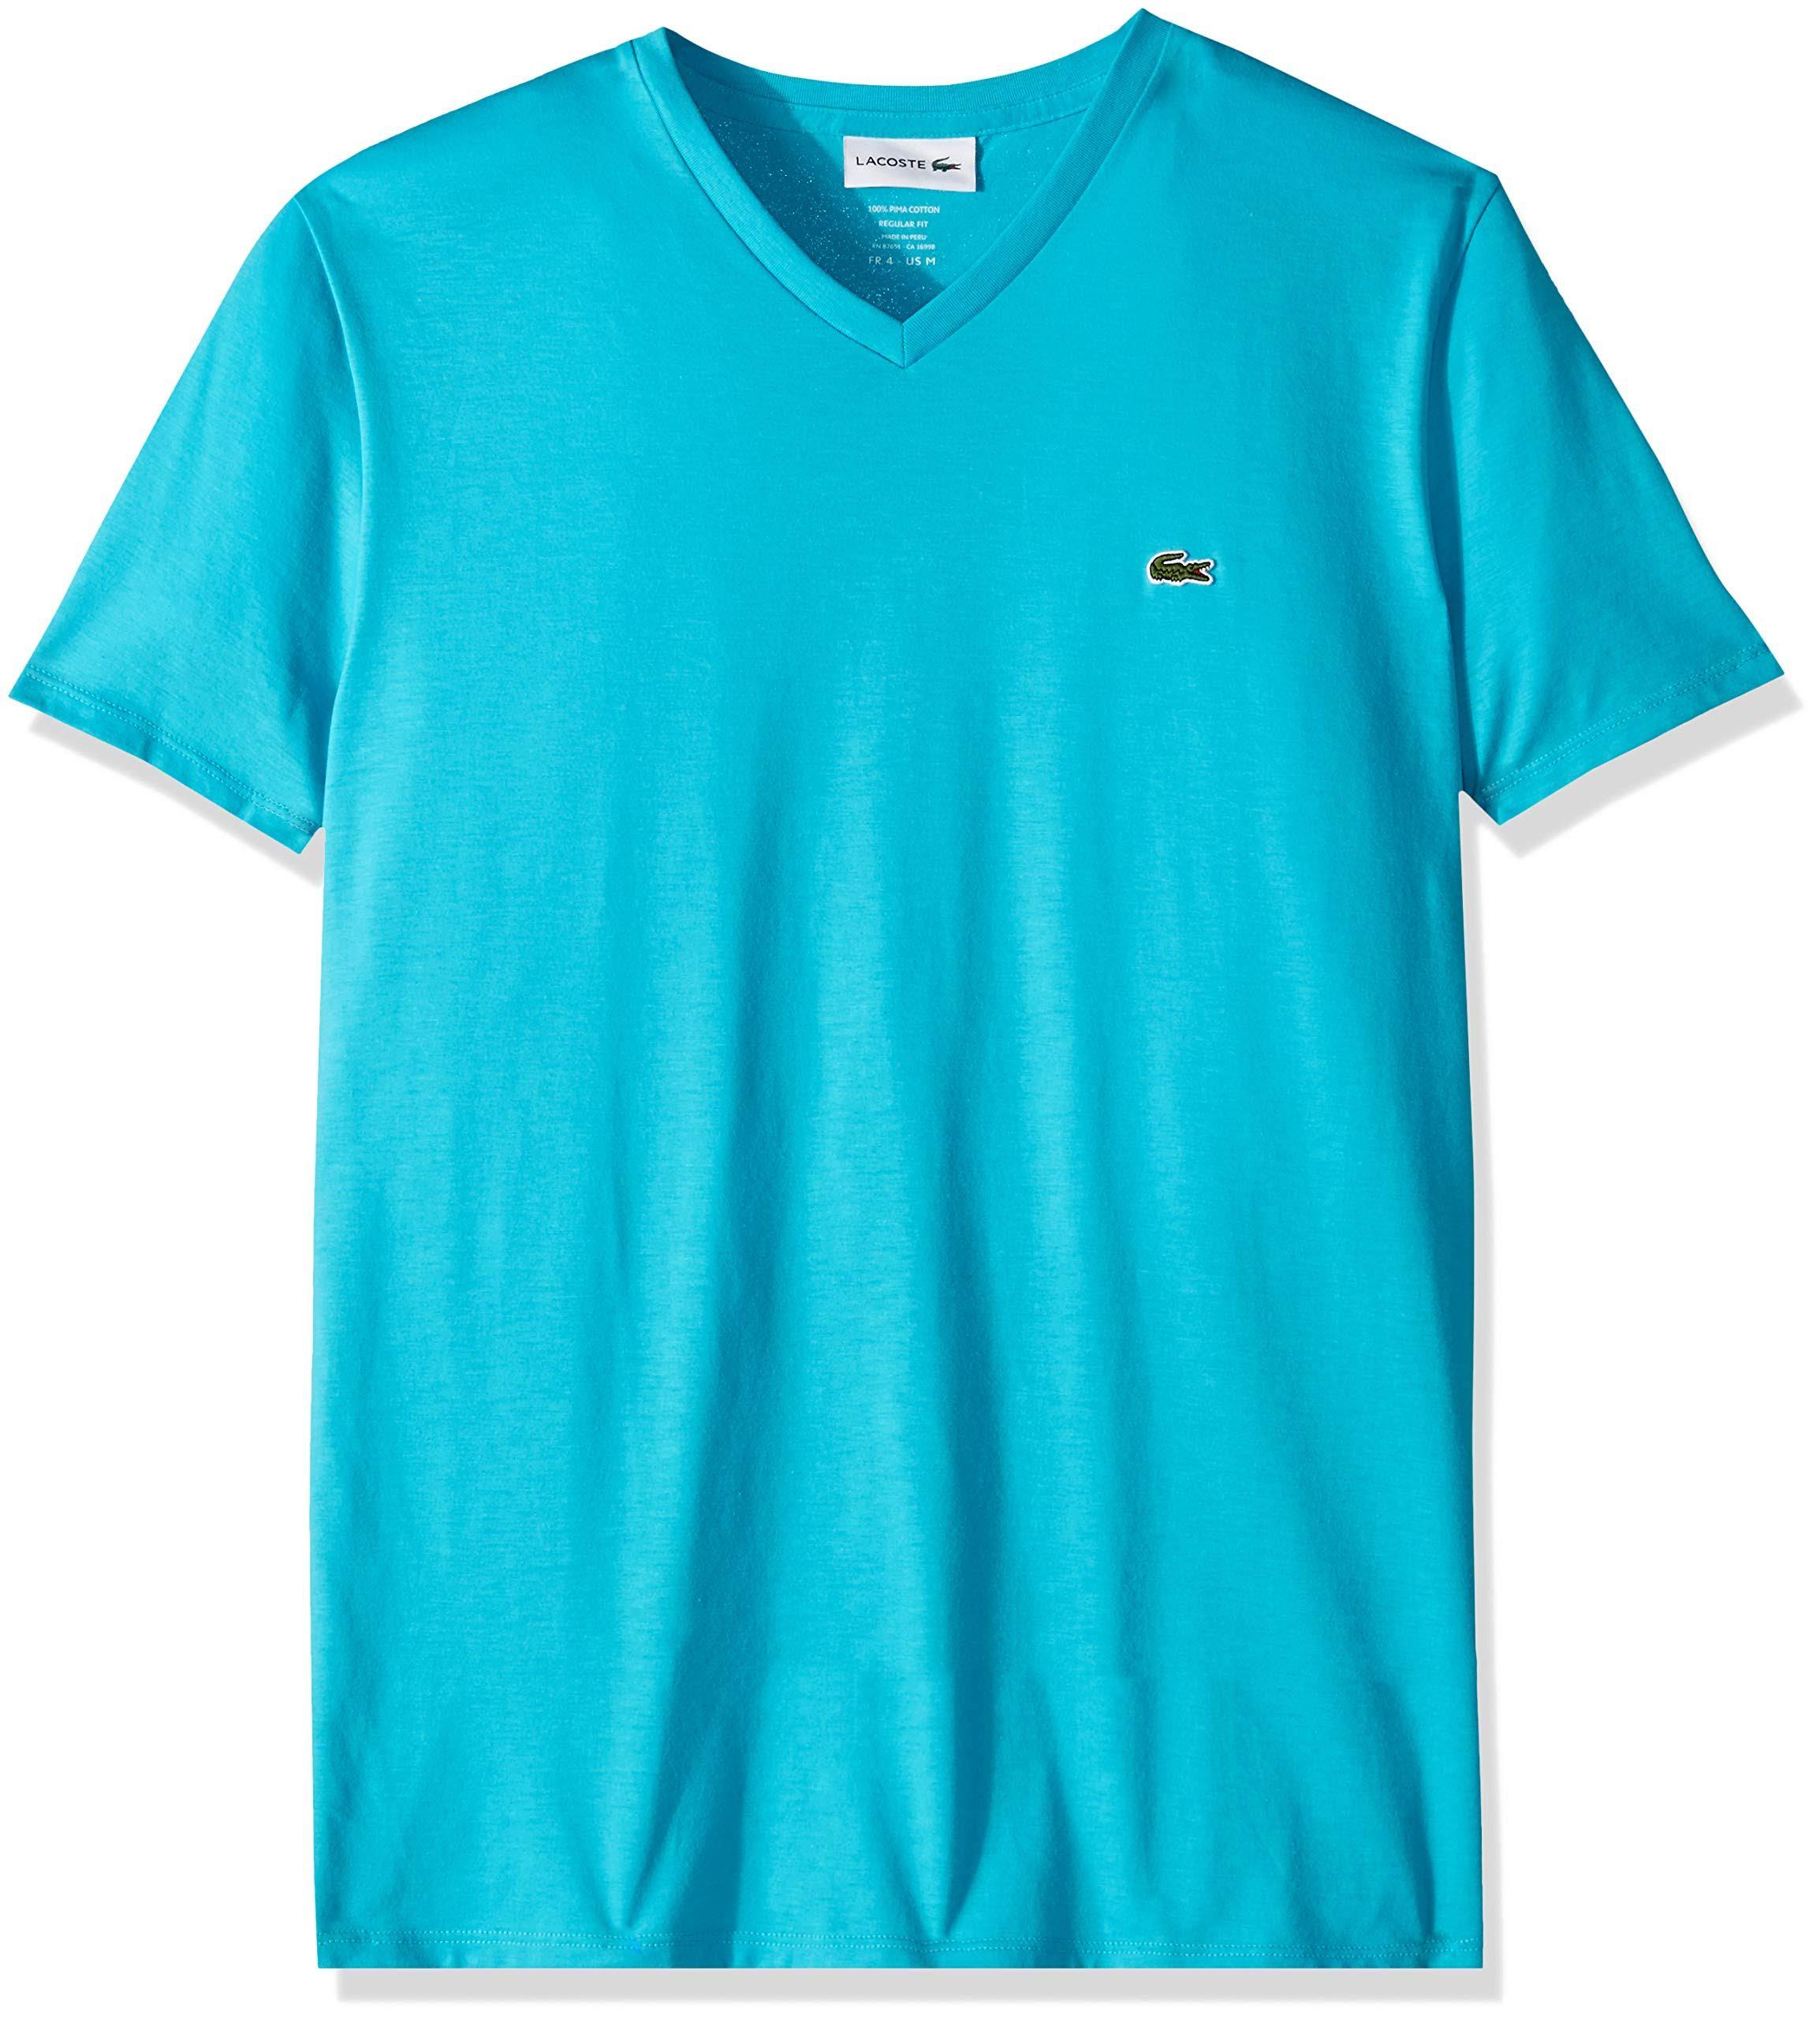 Jersey T shirt Herren Lacoste V ausschnitt Pima Kurzarm wnvUFTq7